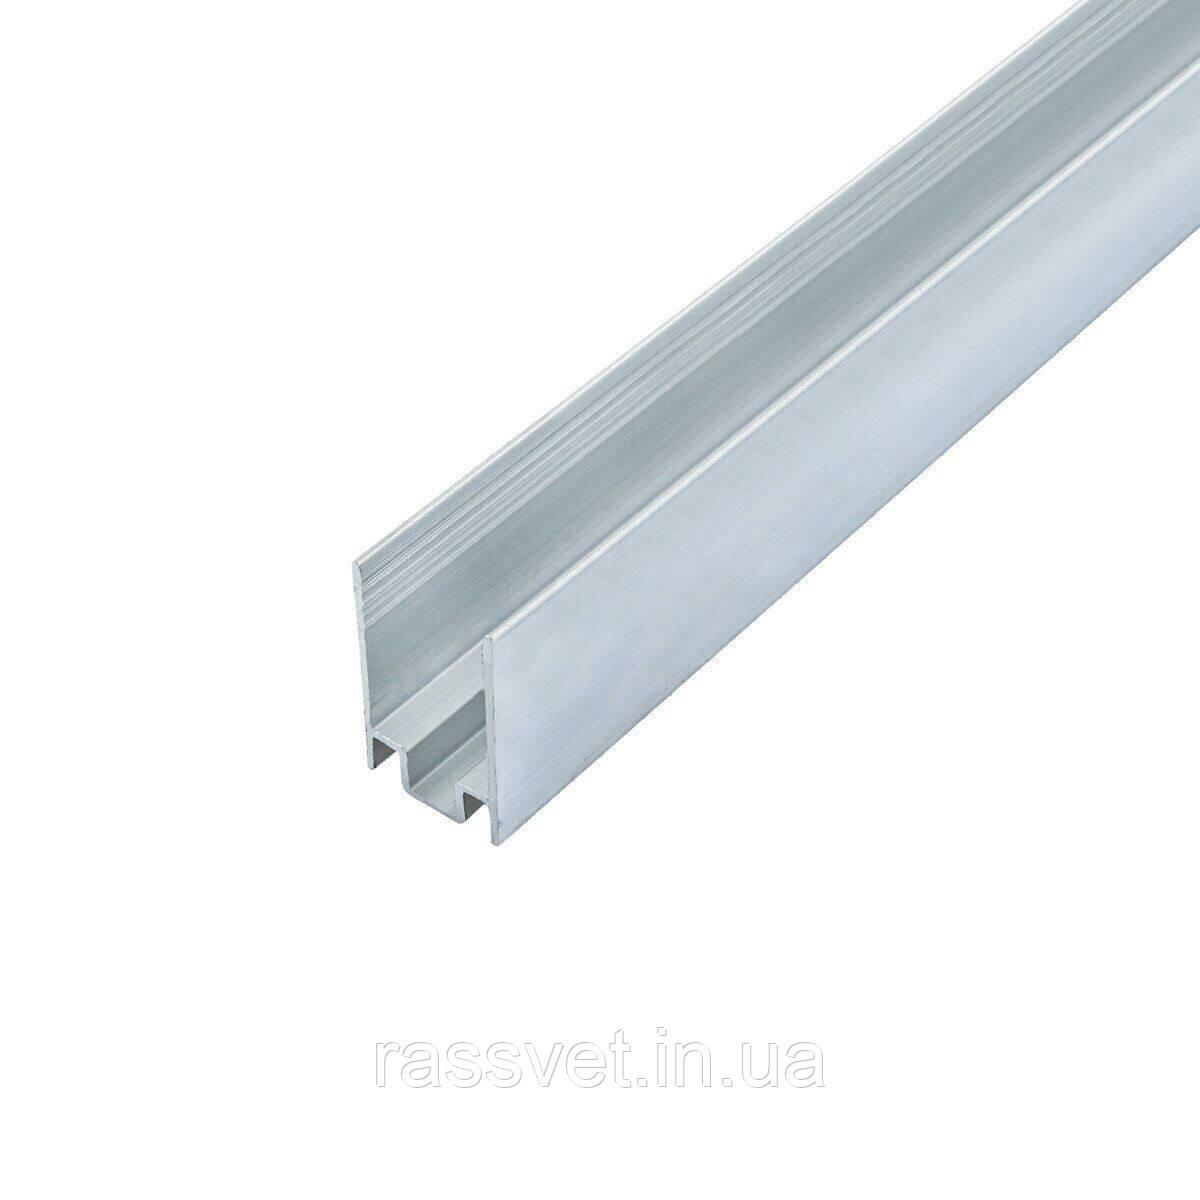 Профіль алюмінієвий ЛПН-16 анод для кріплення стрічки NEON 8*16, (палиця 2м) метр